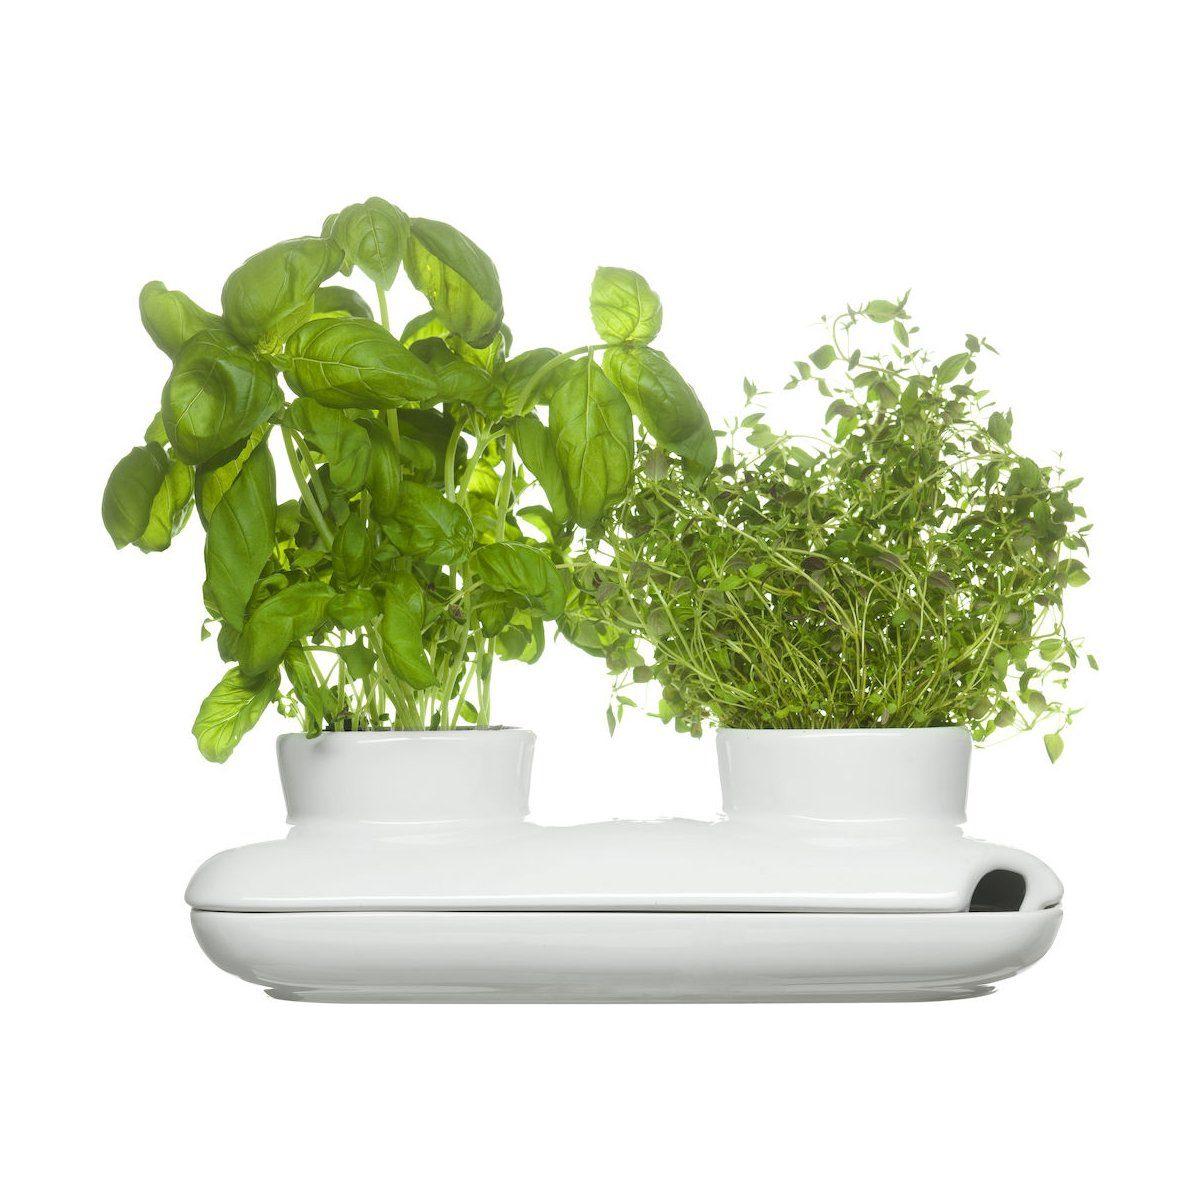 Sagaform Sagaform Kräutertopf Herbs&Spices, Duo